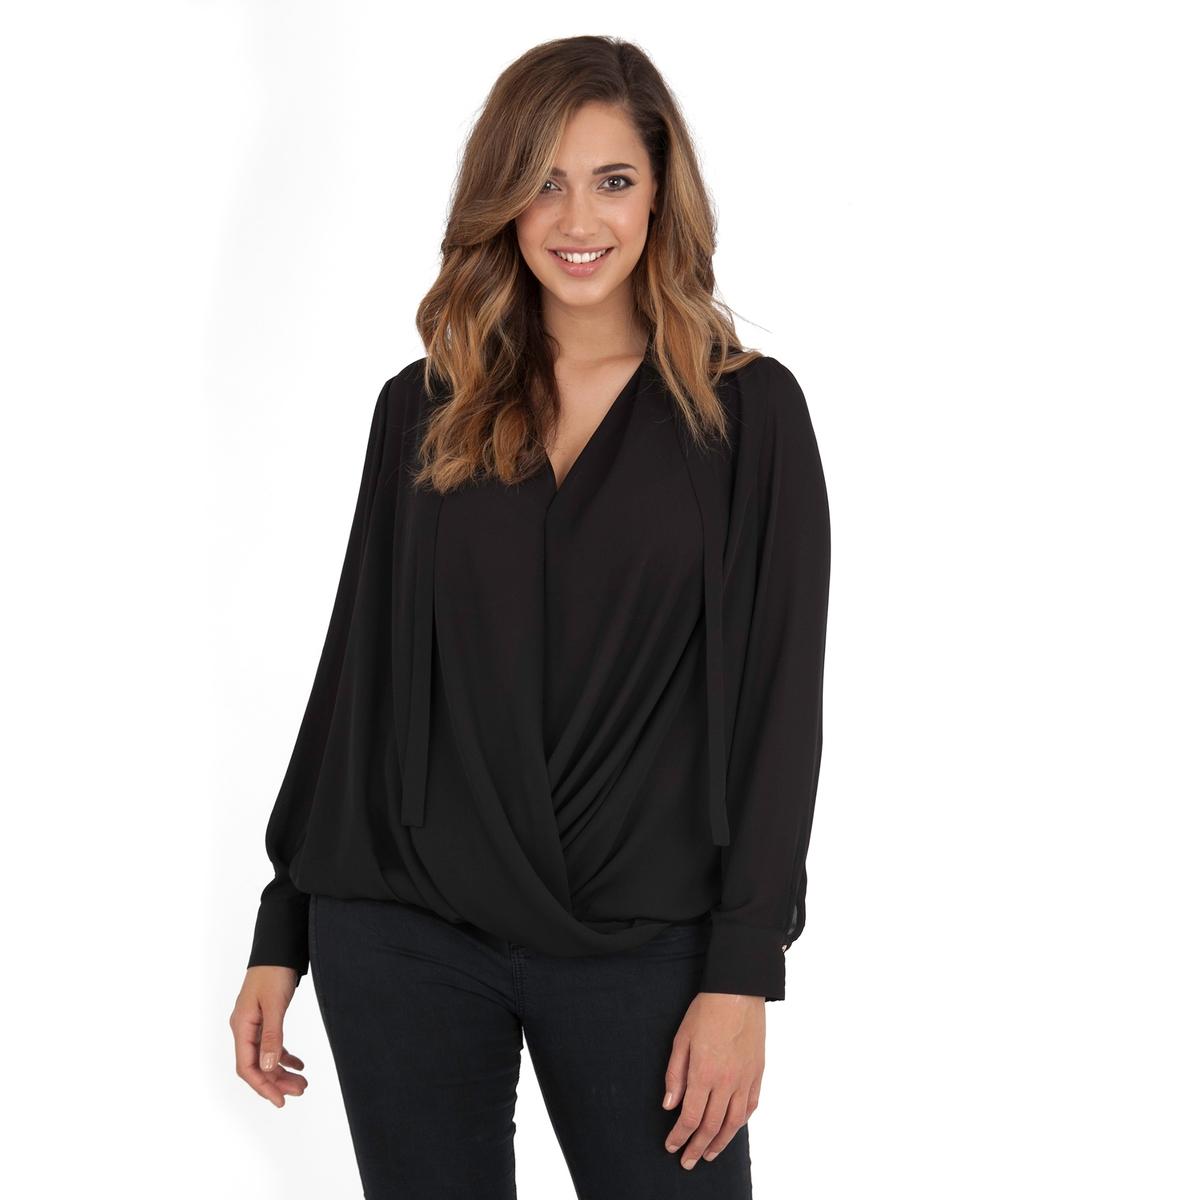 БлузкаБлузка с длинными рукавами LOVEDROBE . Красивый эффект драпировки спереди . Пуговицы на манжетах . 100% полиэстер.<br><br>Цвет: черный<br>Размер: 54/56 (FR) - 60/62 (RUS)